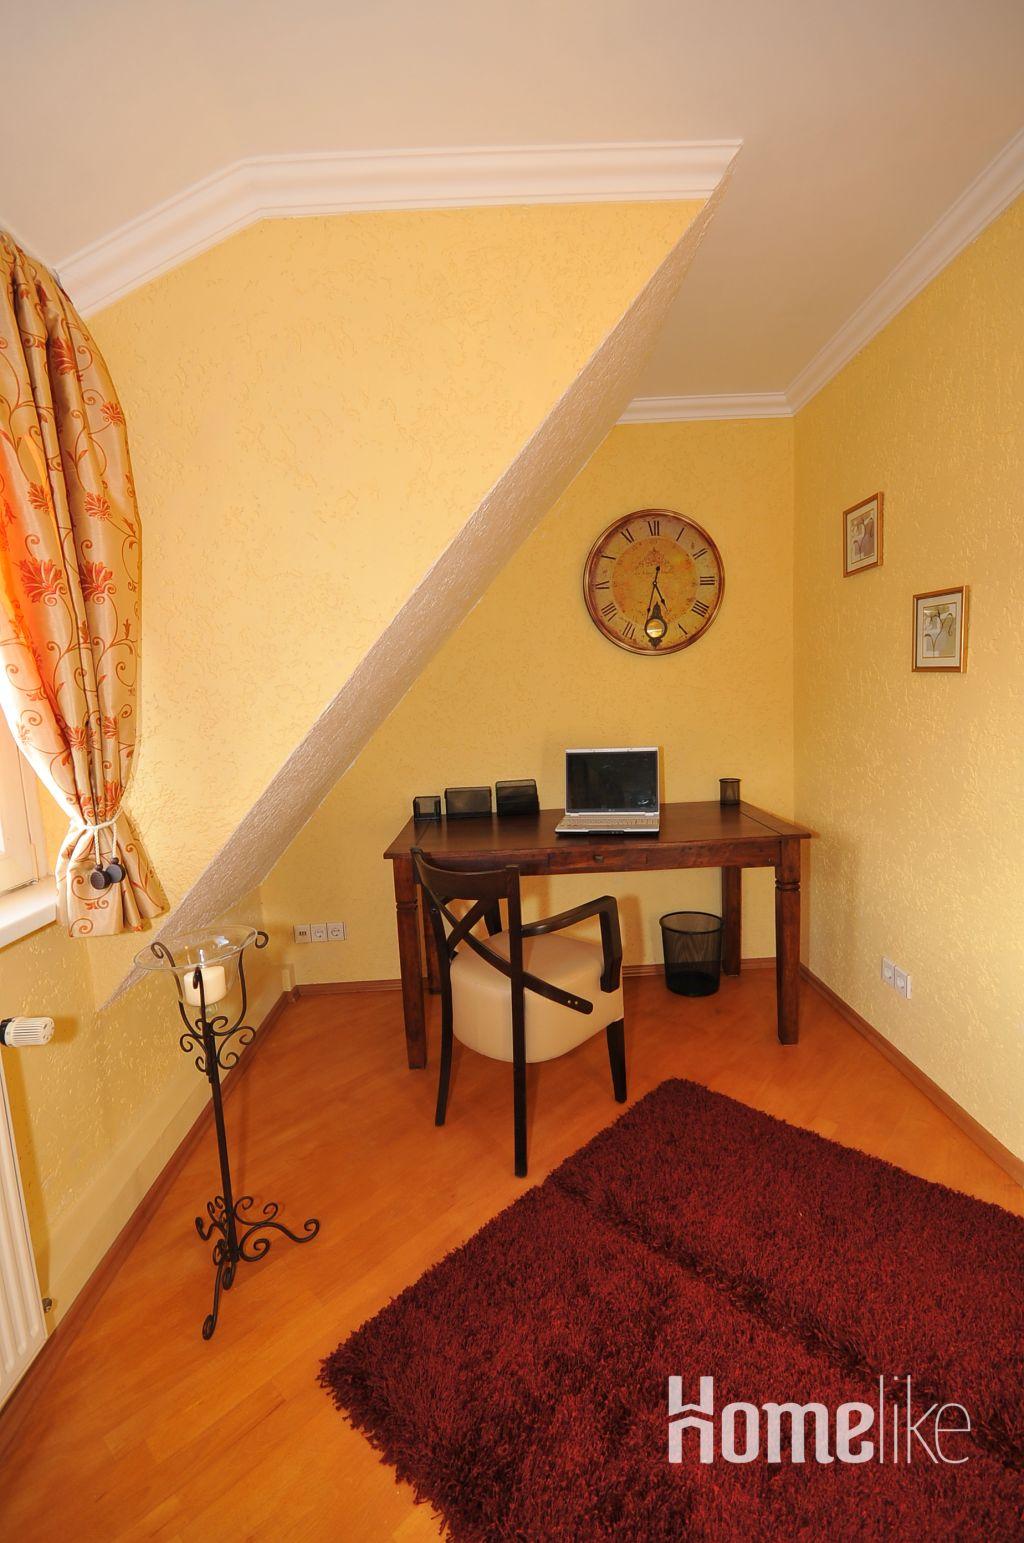 image 4 furnished 2 bedroom Apartment for rent in Bremem, Bremem